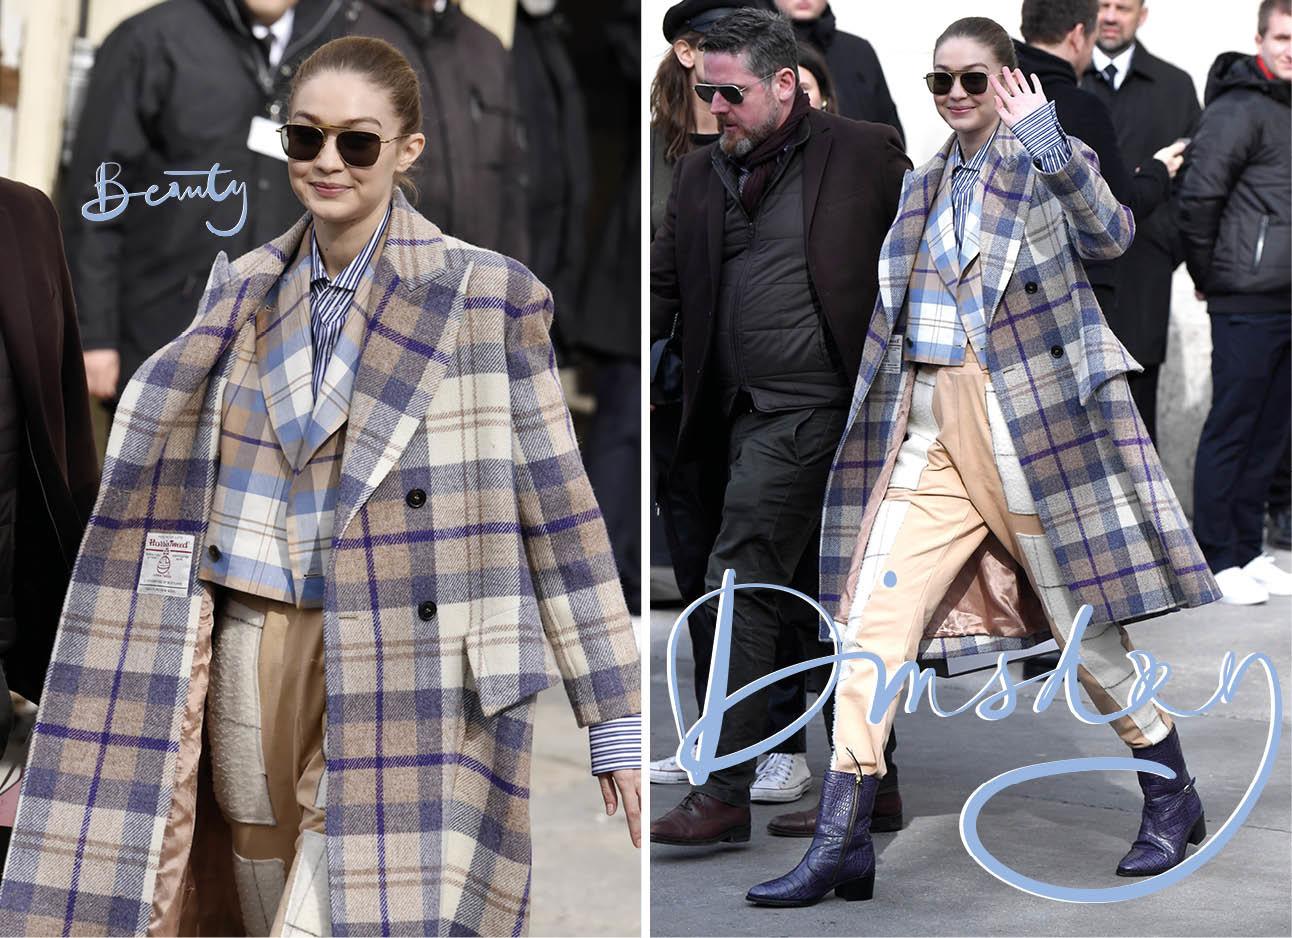 Gigi Hadid lopend over straat met een geruit jas aan en grote zonnebril op